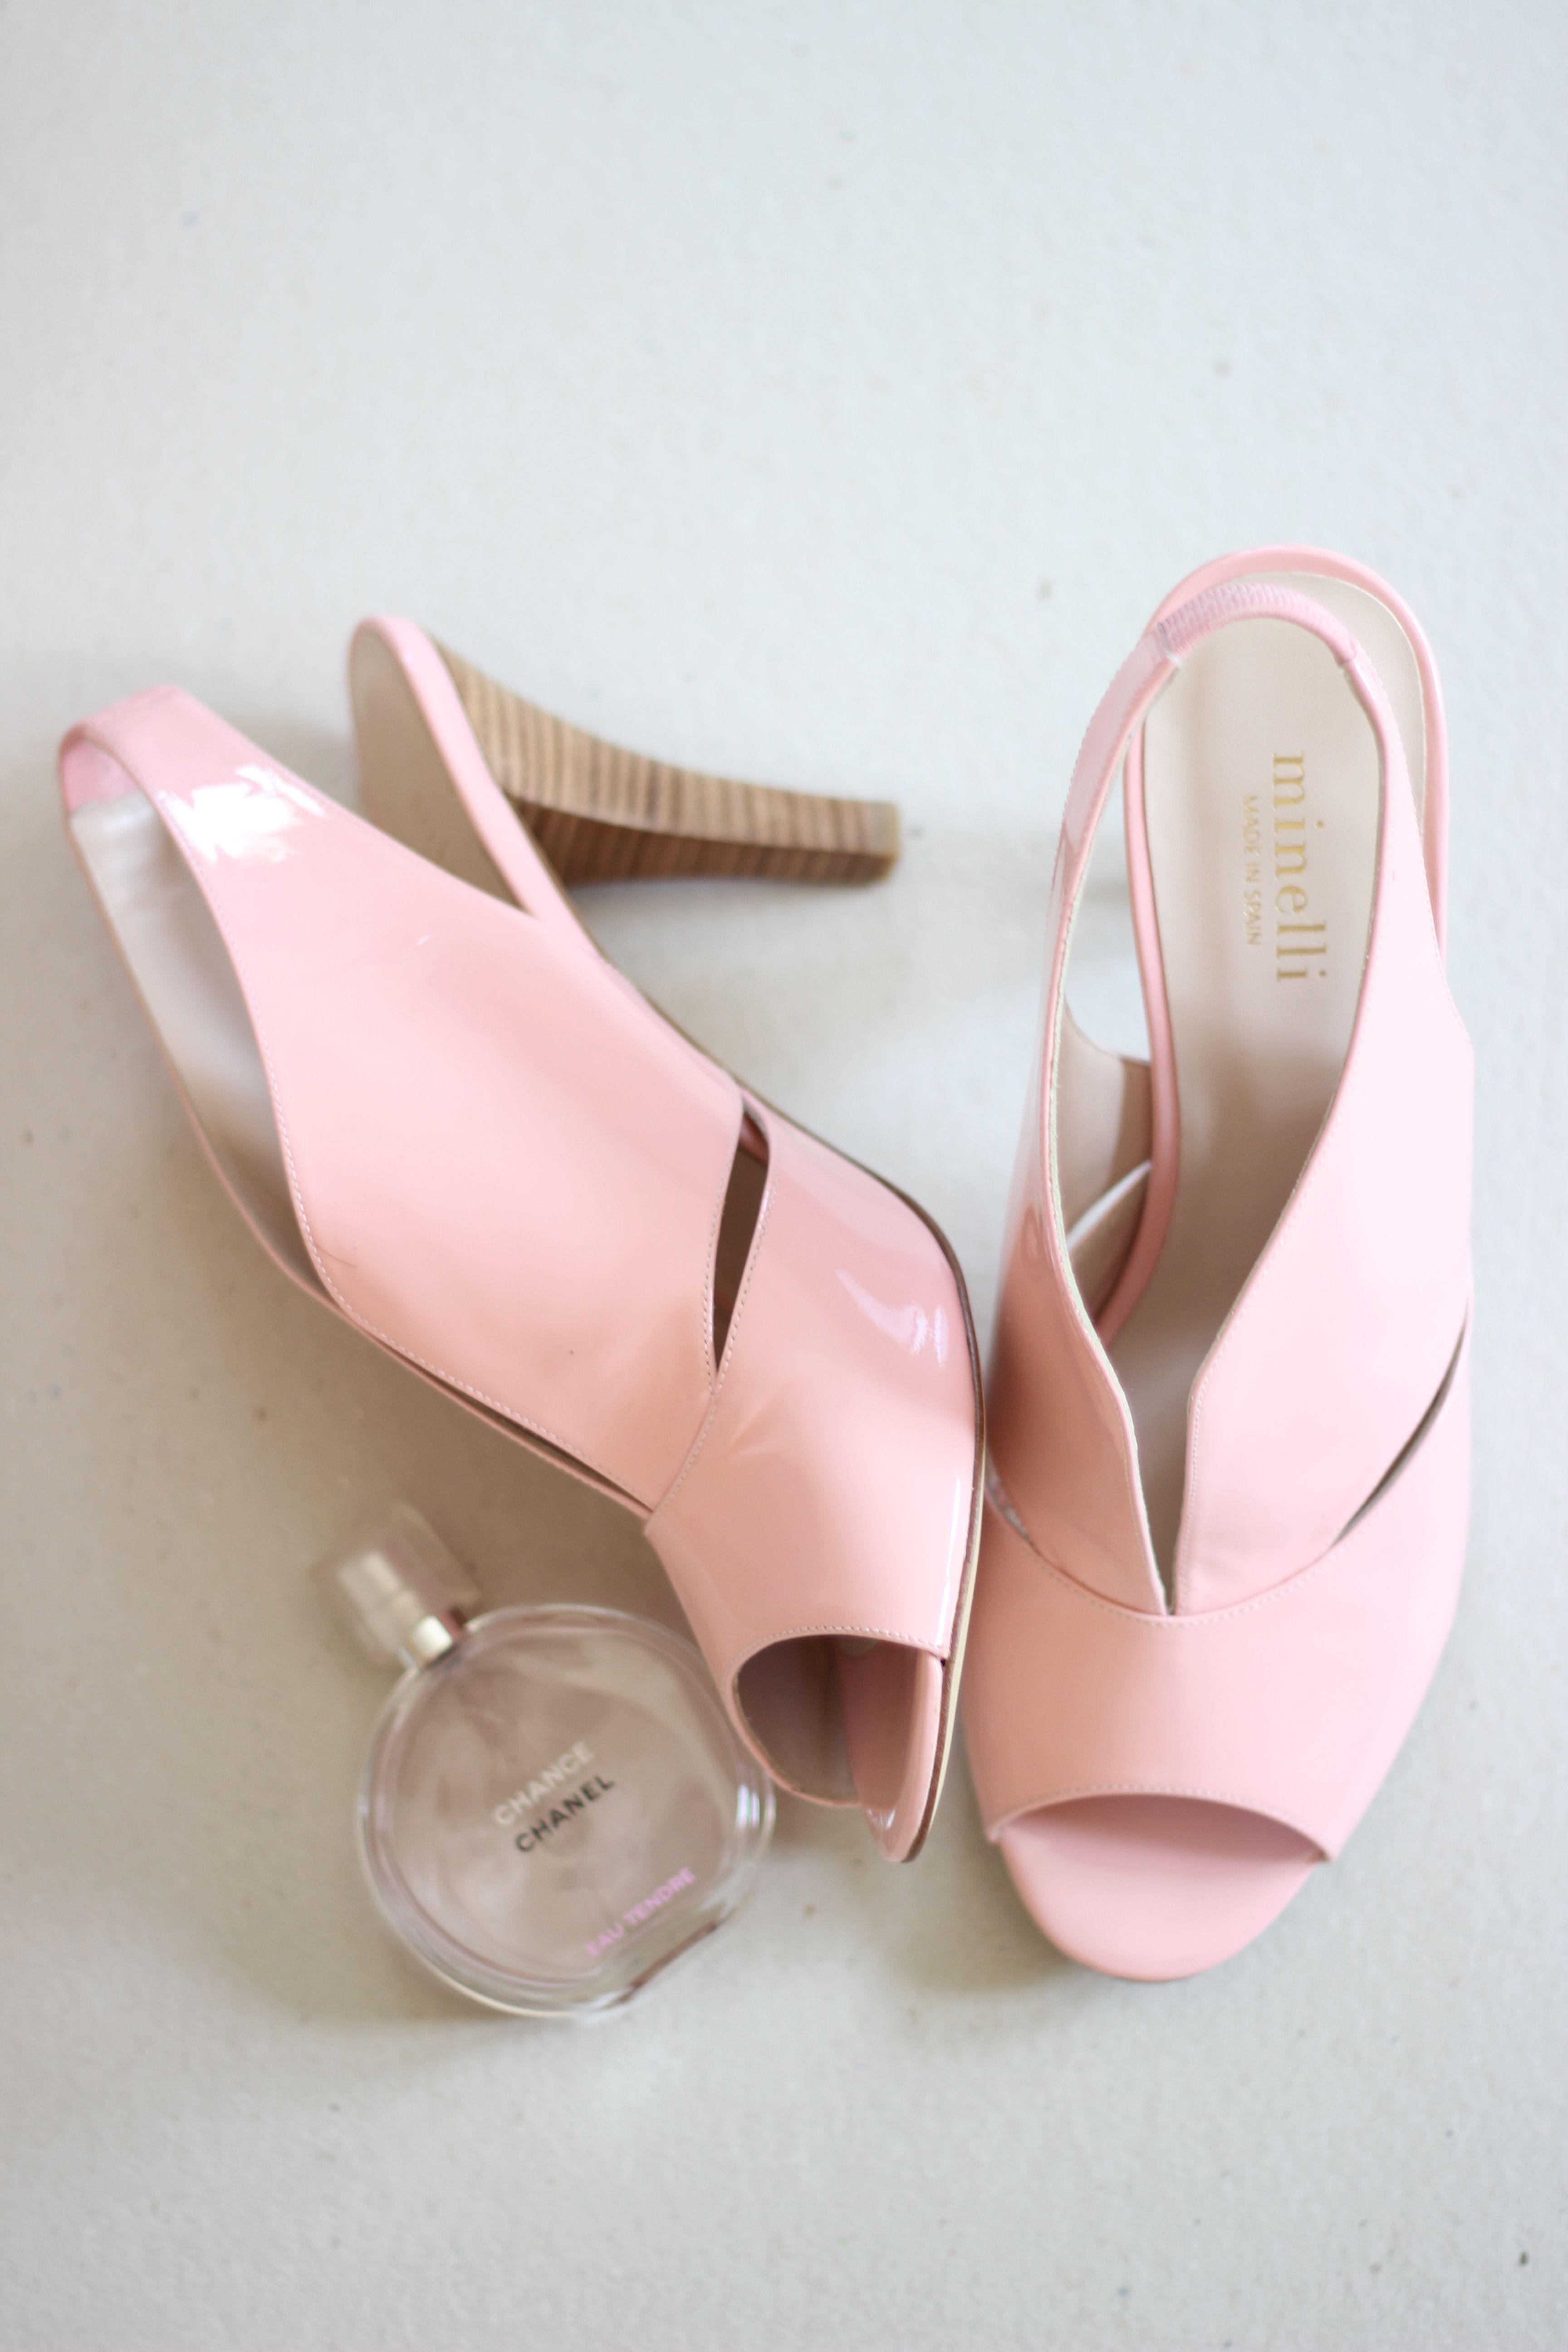 ShoesNess Minelli Minelli Minelli Minelli Minelli Minelli ShoesNess ShoesNess Minelli ShoesNess ShoesNess ShoesNess Minelli ShoesNess ShoesNess TlFc3K1J